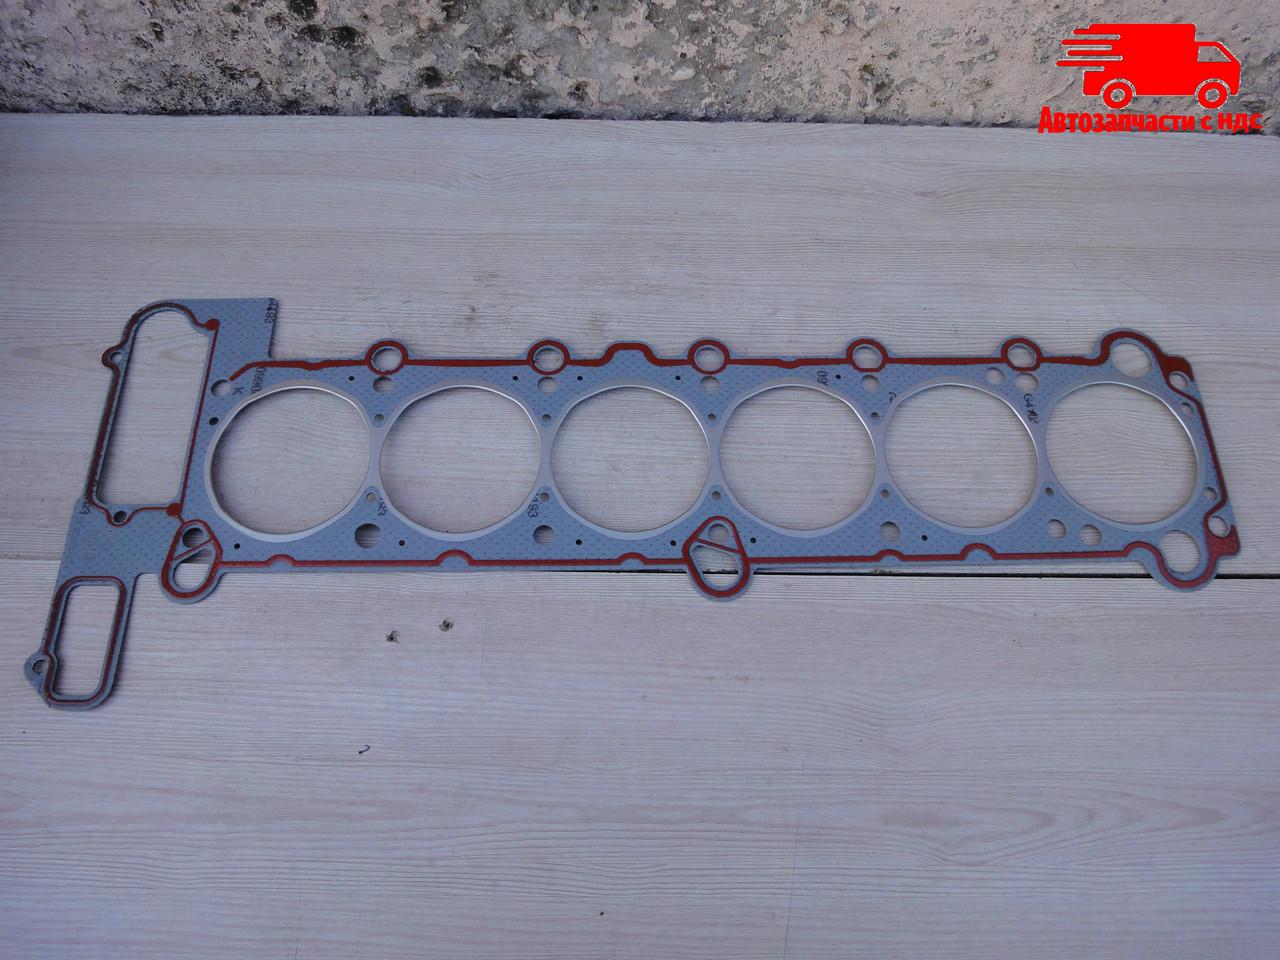 Прокладка головки блока цилиндров BMW 3, 5, 7, Z3, KIA OPIRUS M52B23/M52B28 (GOETZE) 30-026706-30